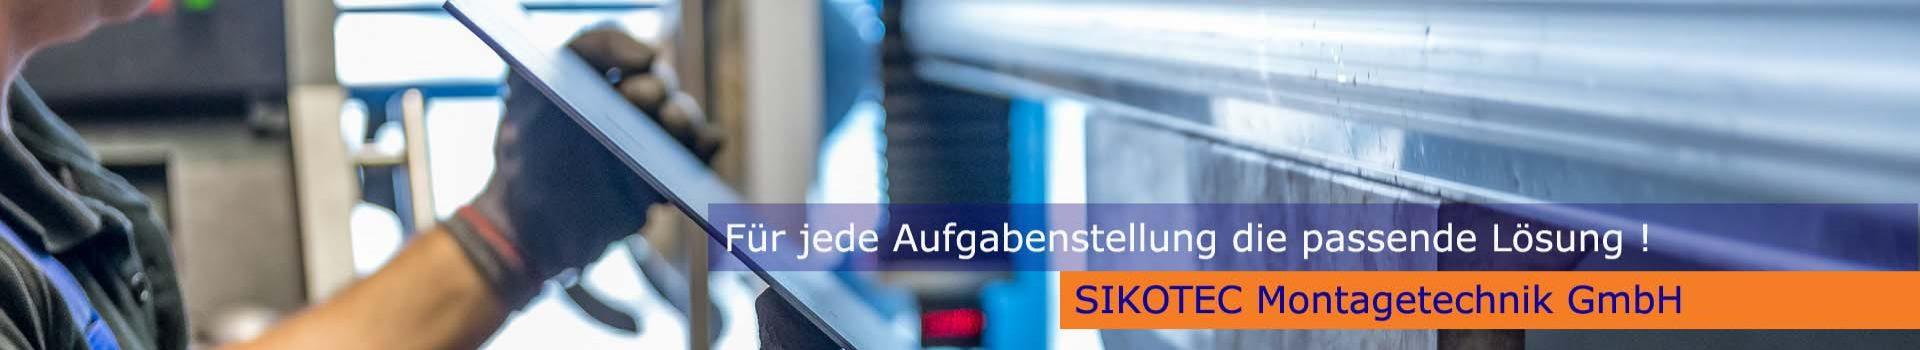 Sikotec GmbH